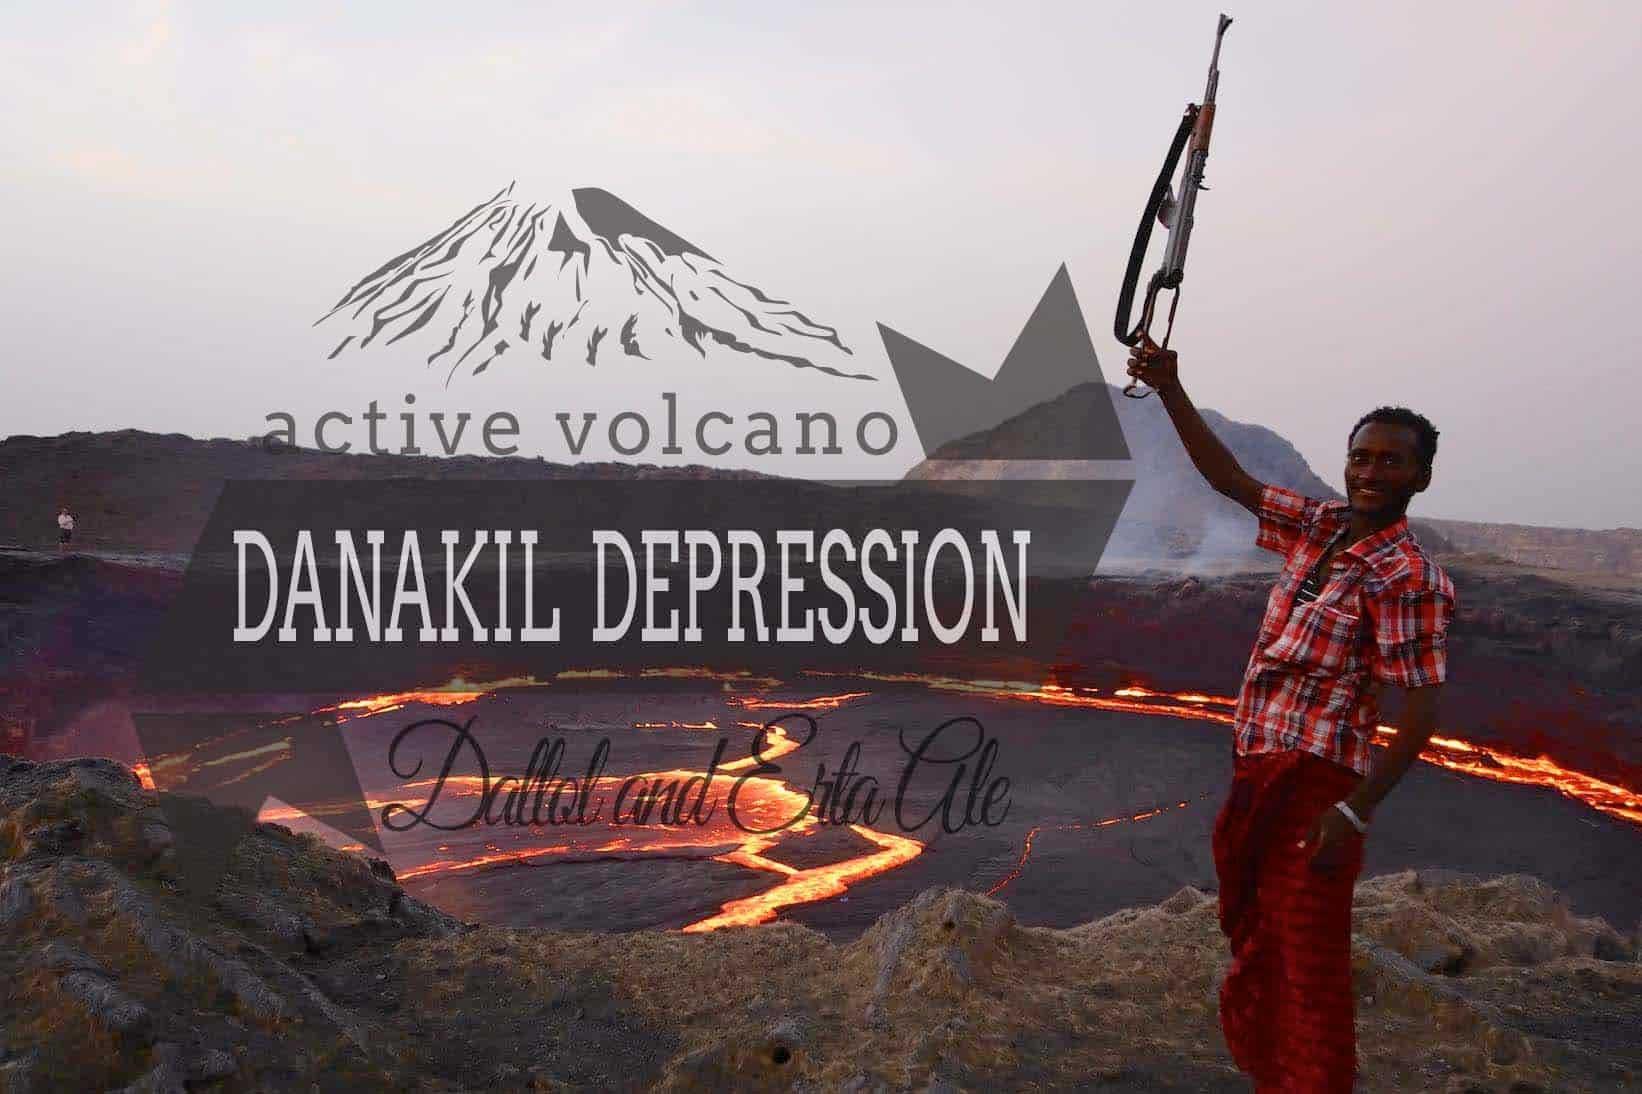 Das Video zur Danakil Depression samt Erta Ale